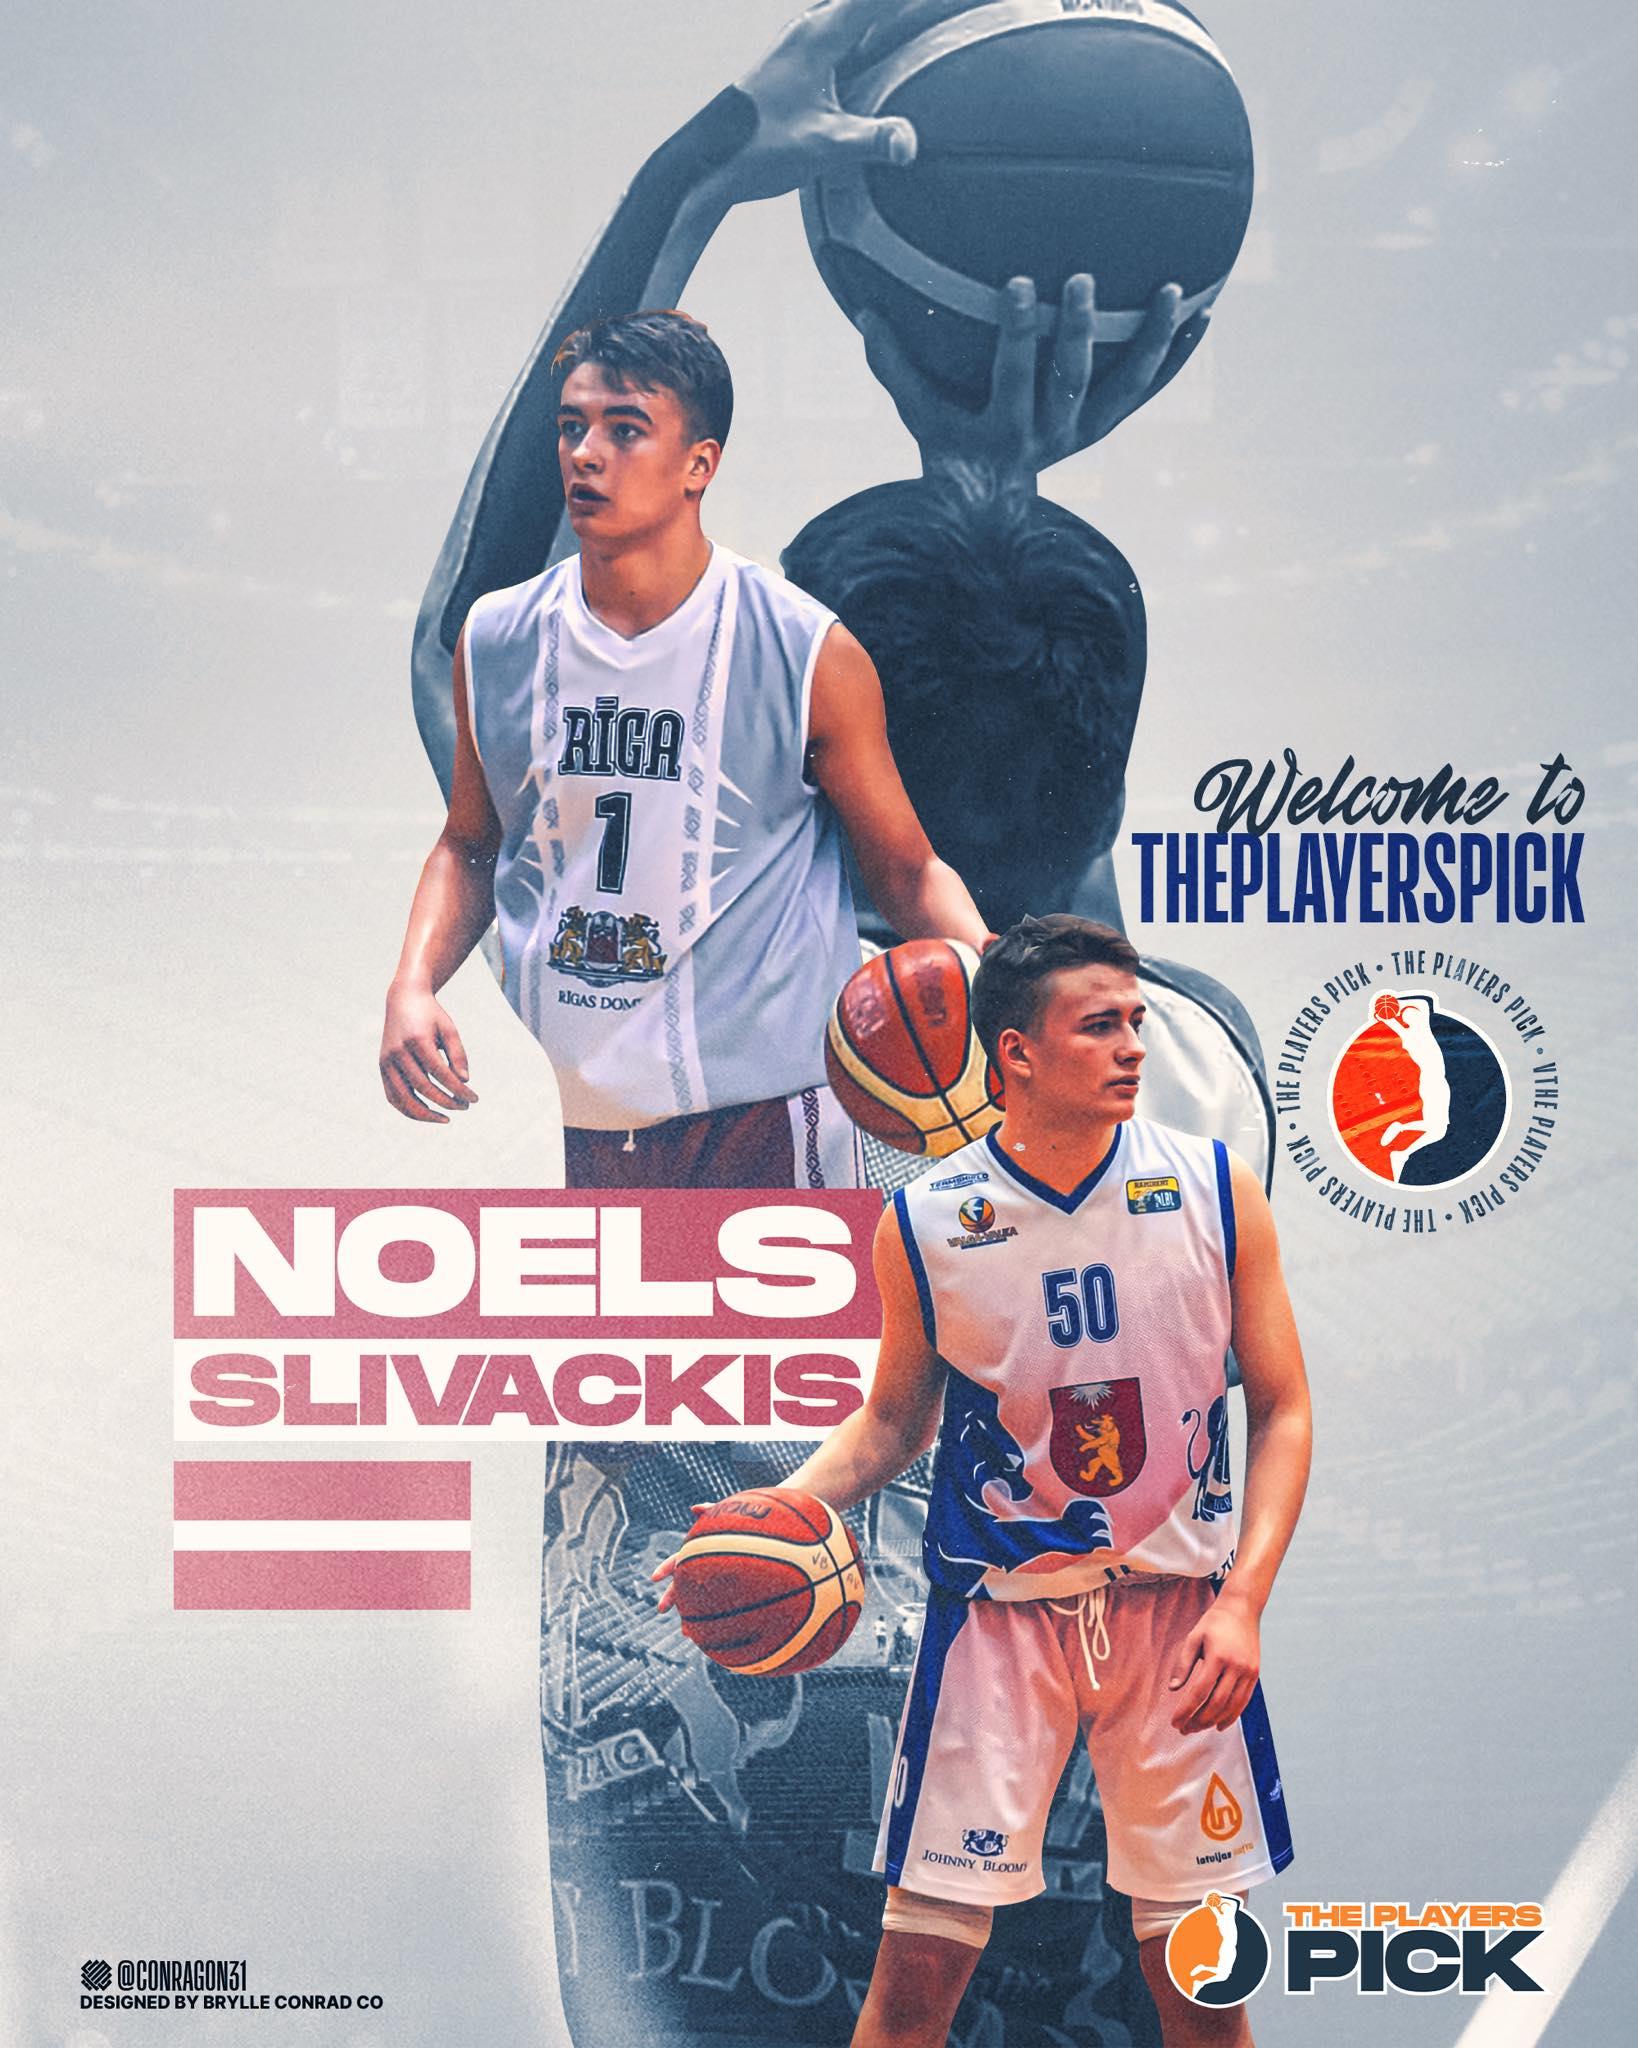 Noels Slivackis